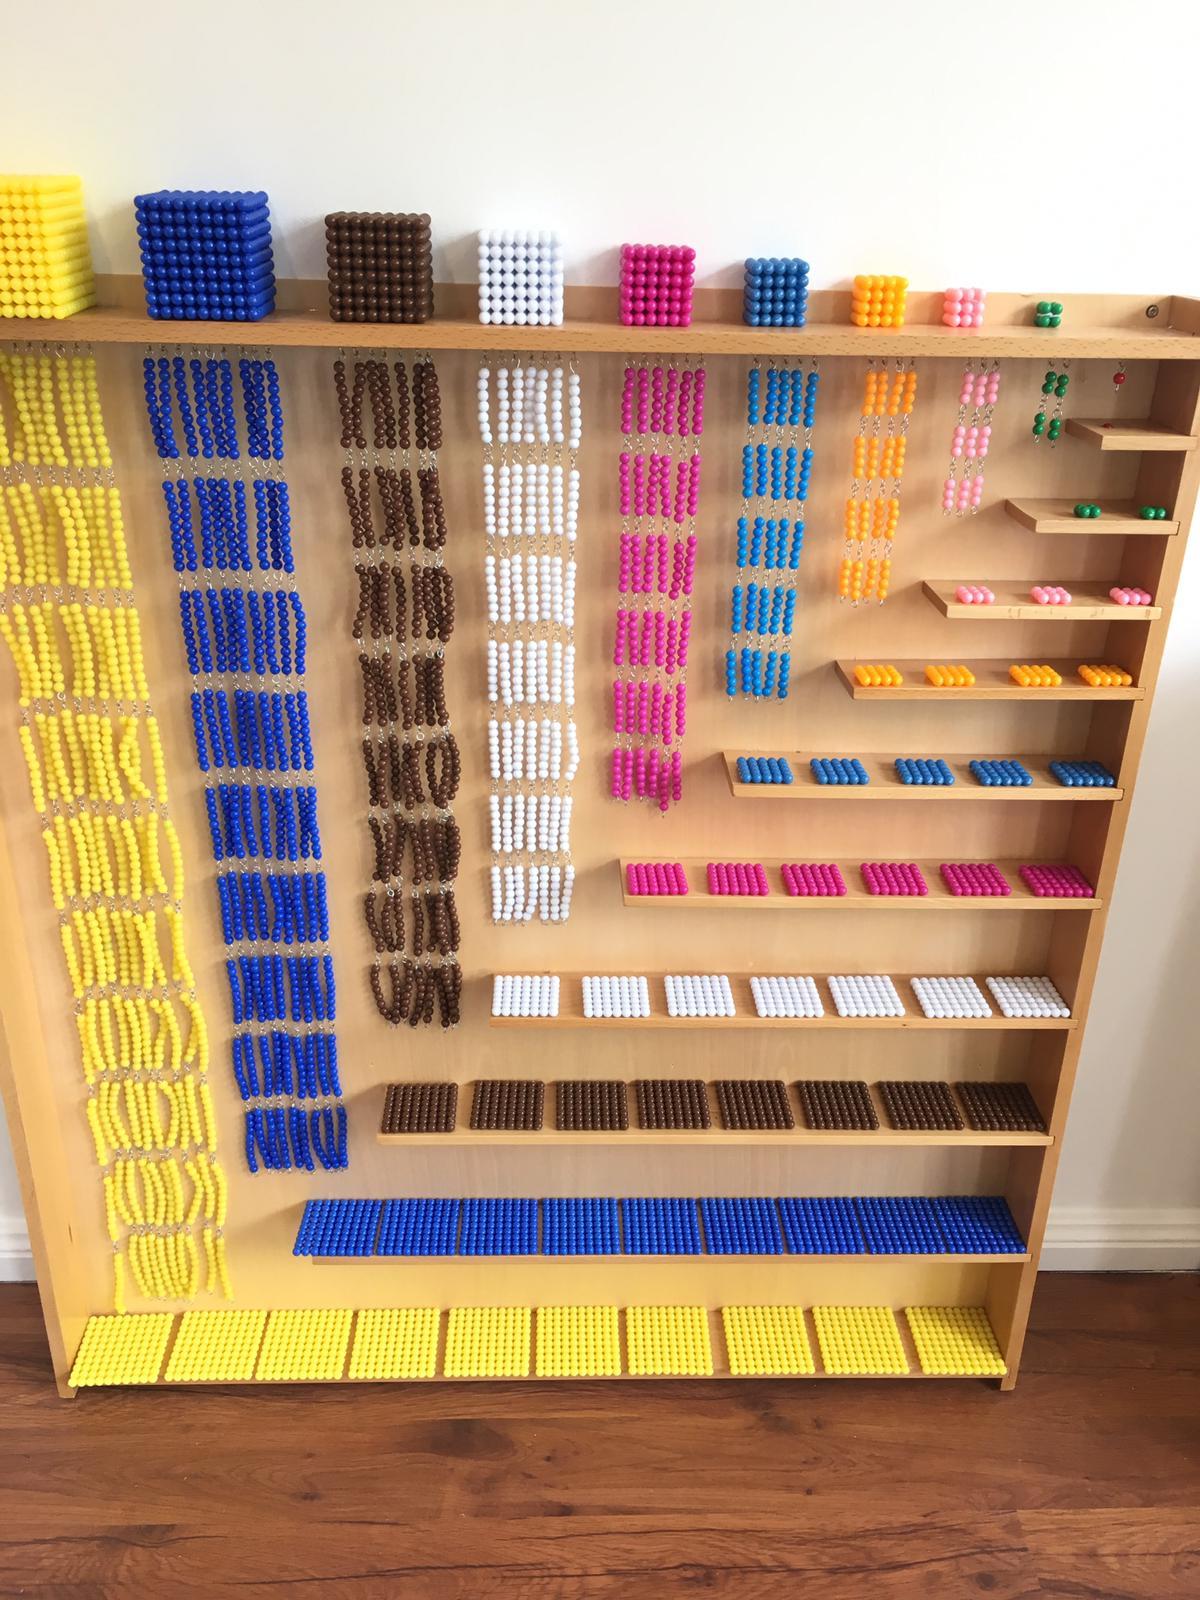 The Five Focusses of the Montessori Method